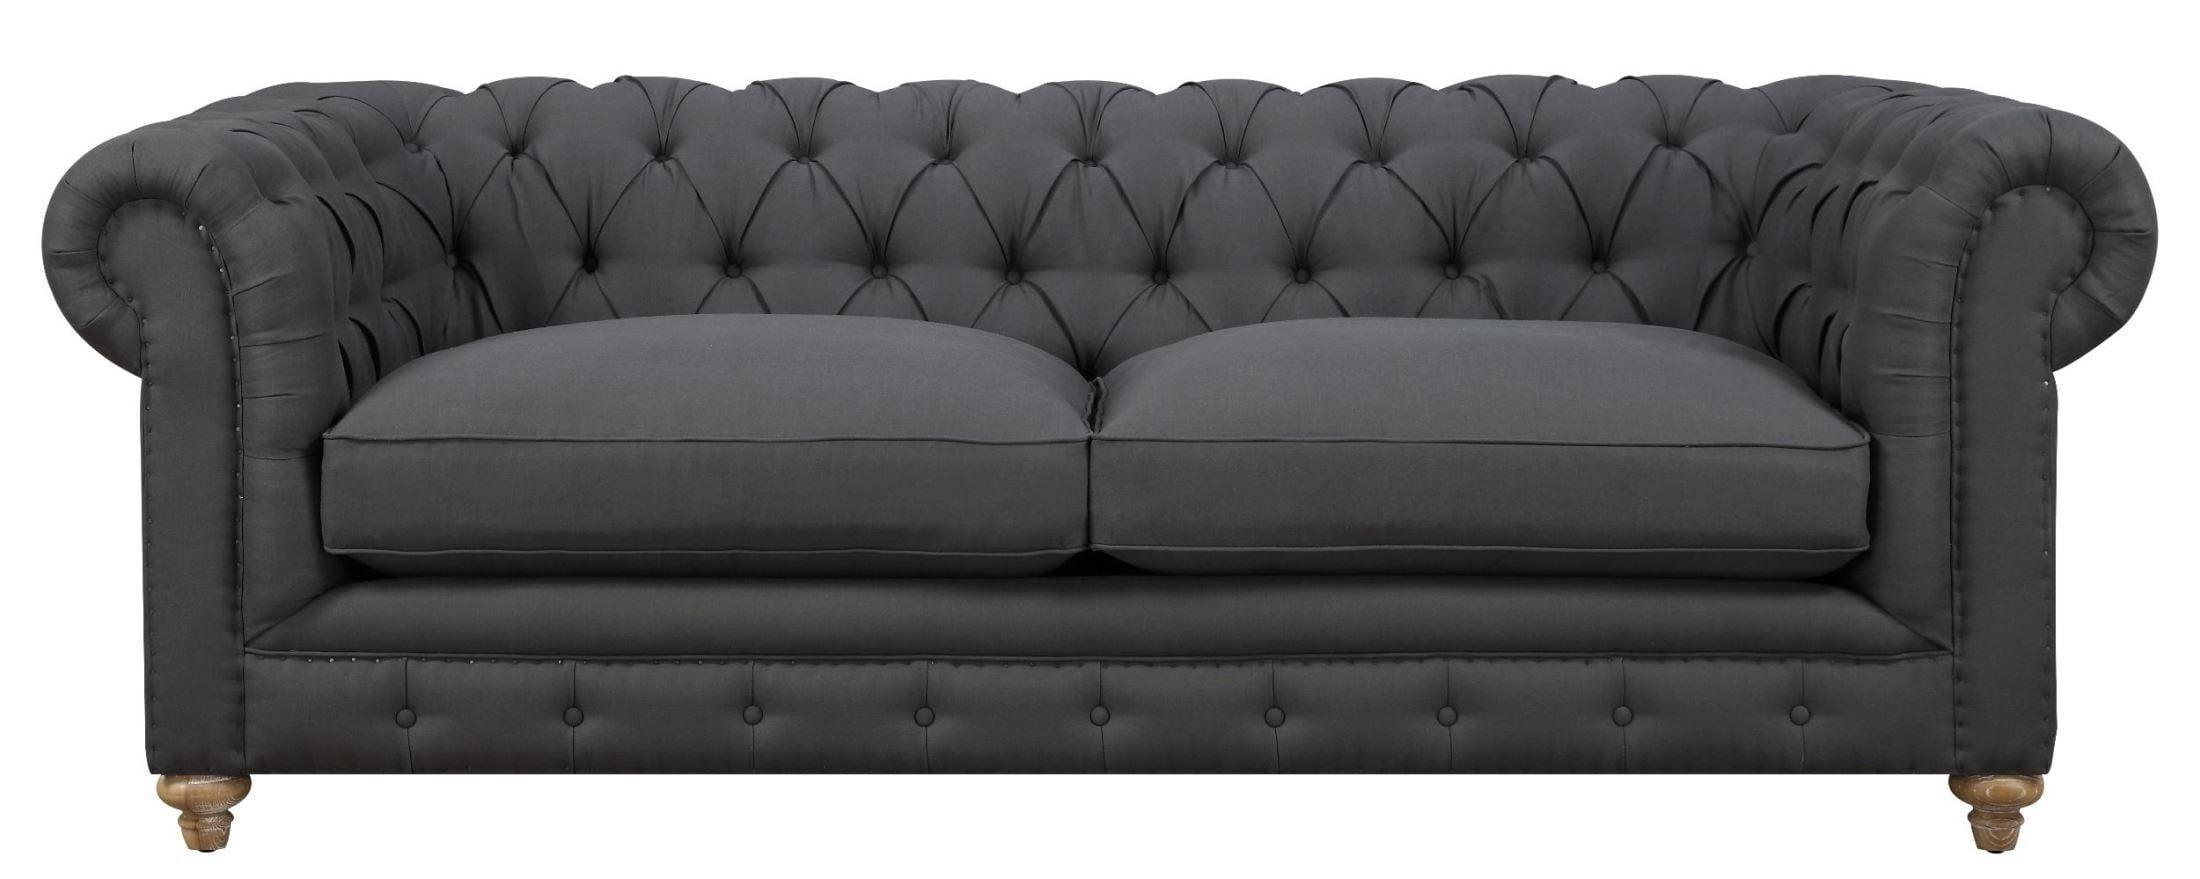 Oxford Gray Linen Sofa